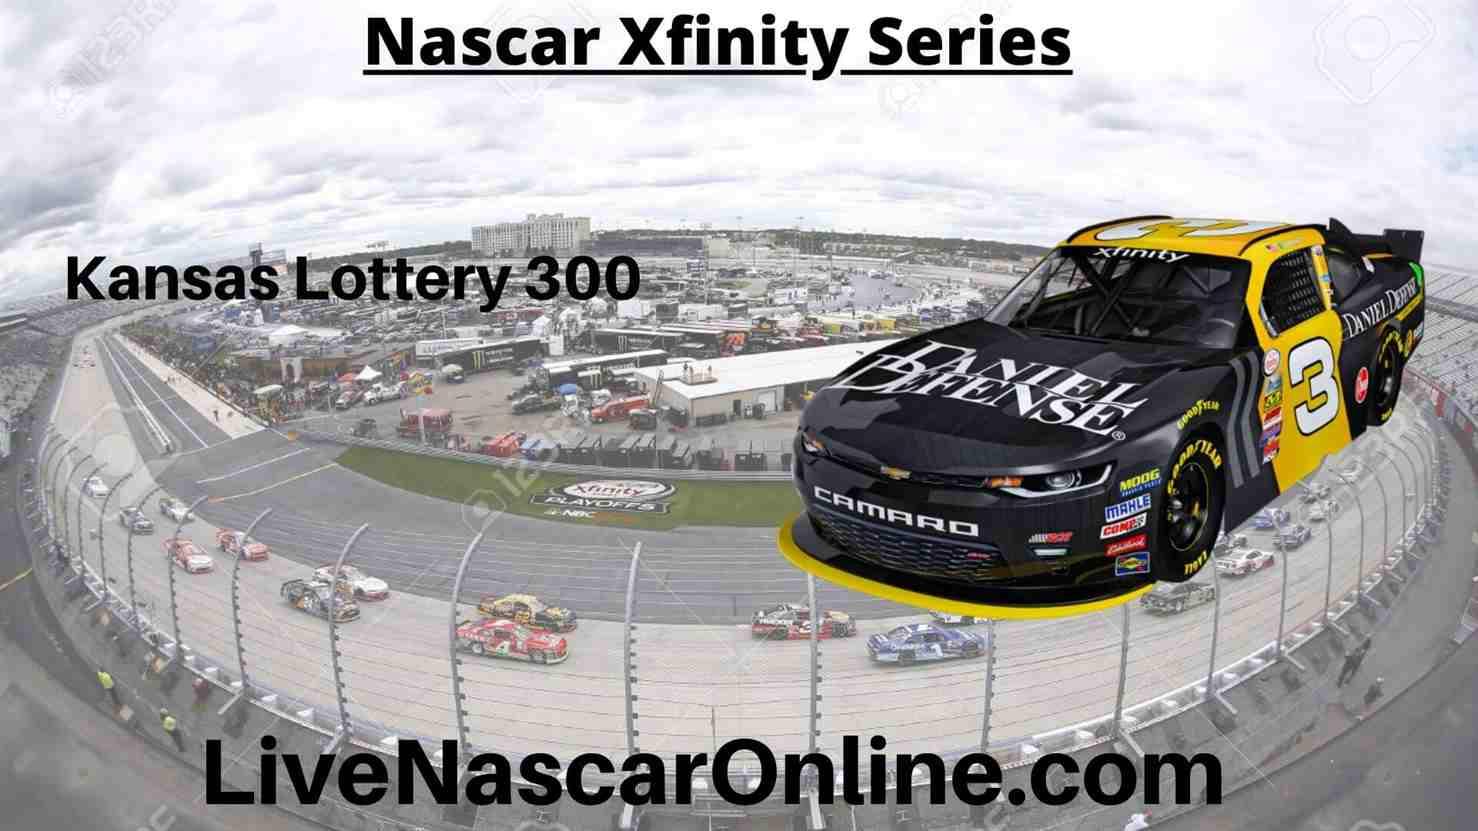 2016 Kansas Lottery 300 NASCAR Race Live